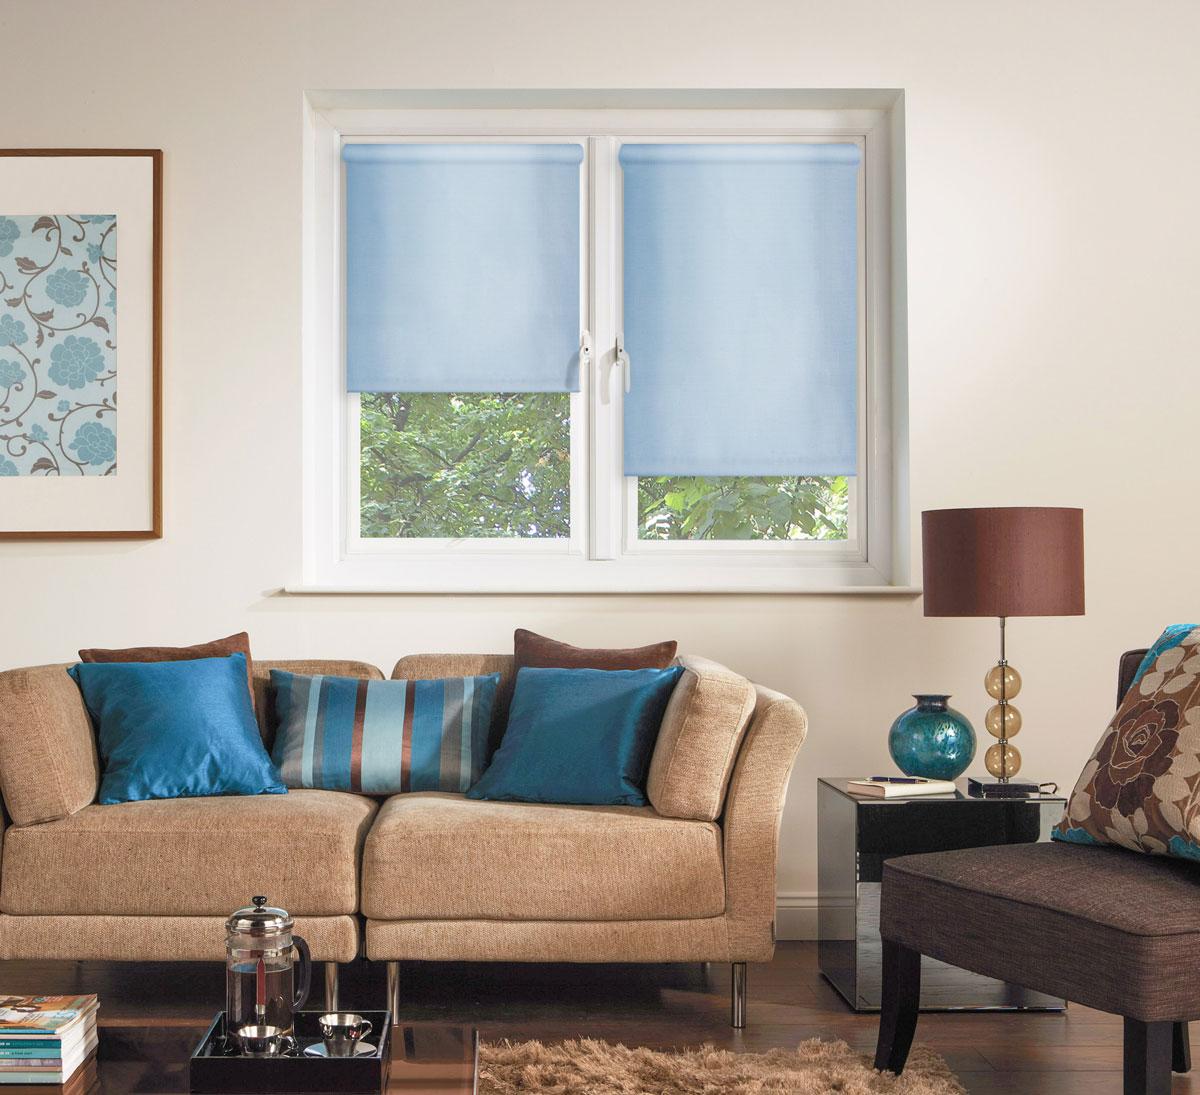 Штора рулонная KauffOrt Миниролло, цвет: голубой, ширина 83 см, высота 170 см3083005Рулонная штора Миниролло выполнена из высокопрочной ткани, которая сохраняет свой размер даже при намокании. Ткань не выцветает и обладает отличной цветоустойчивостью. Миниролло - это подвид рулонных штор, который закрывает не весь оконный проем, а непосредственно само стекло. Такие шторы крепятся на раму без сверления при помощи зажимов или клейкой двухсторонней ленты (в комплекте). Окно остается на гарантии, благодаря монтажу без сверления. Такая штора станет прекрасным элементом декора окна и гармонично впишется в интерьер любого помещения.